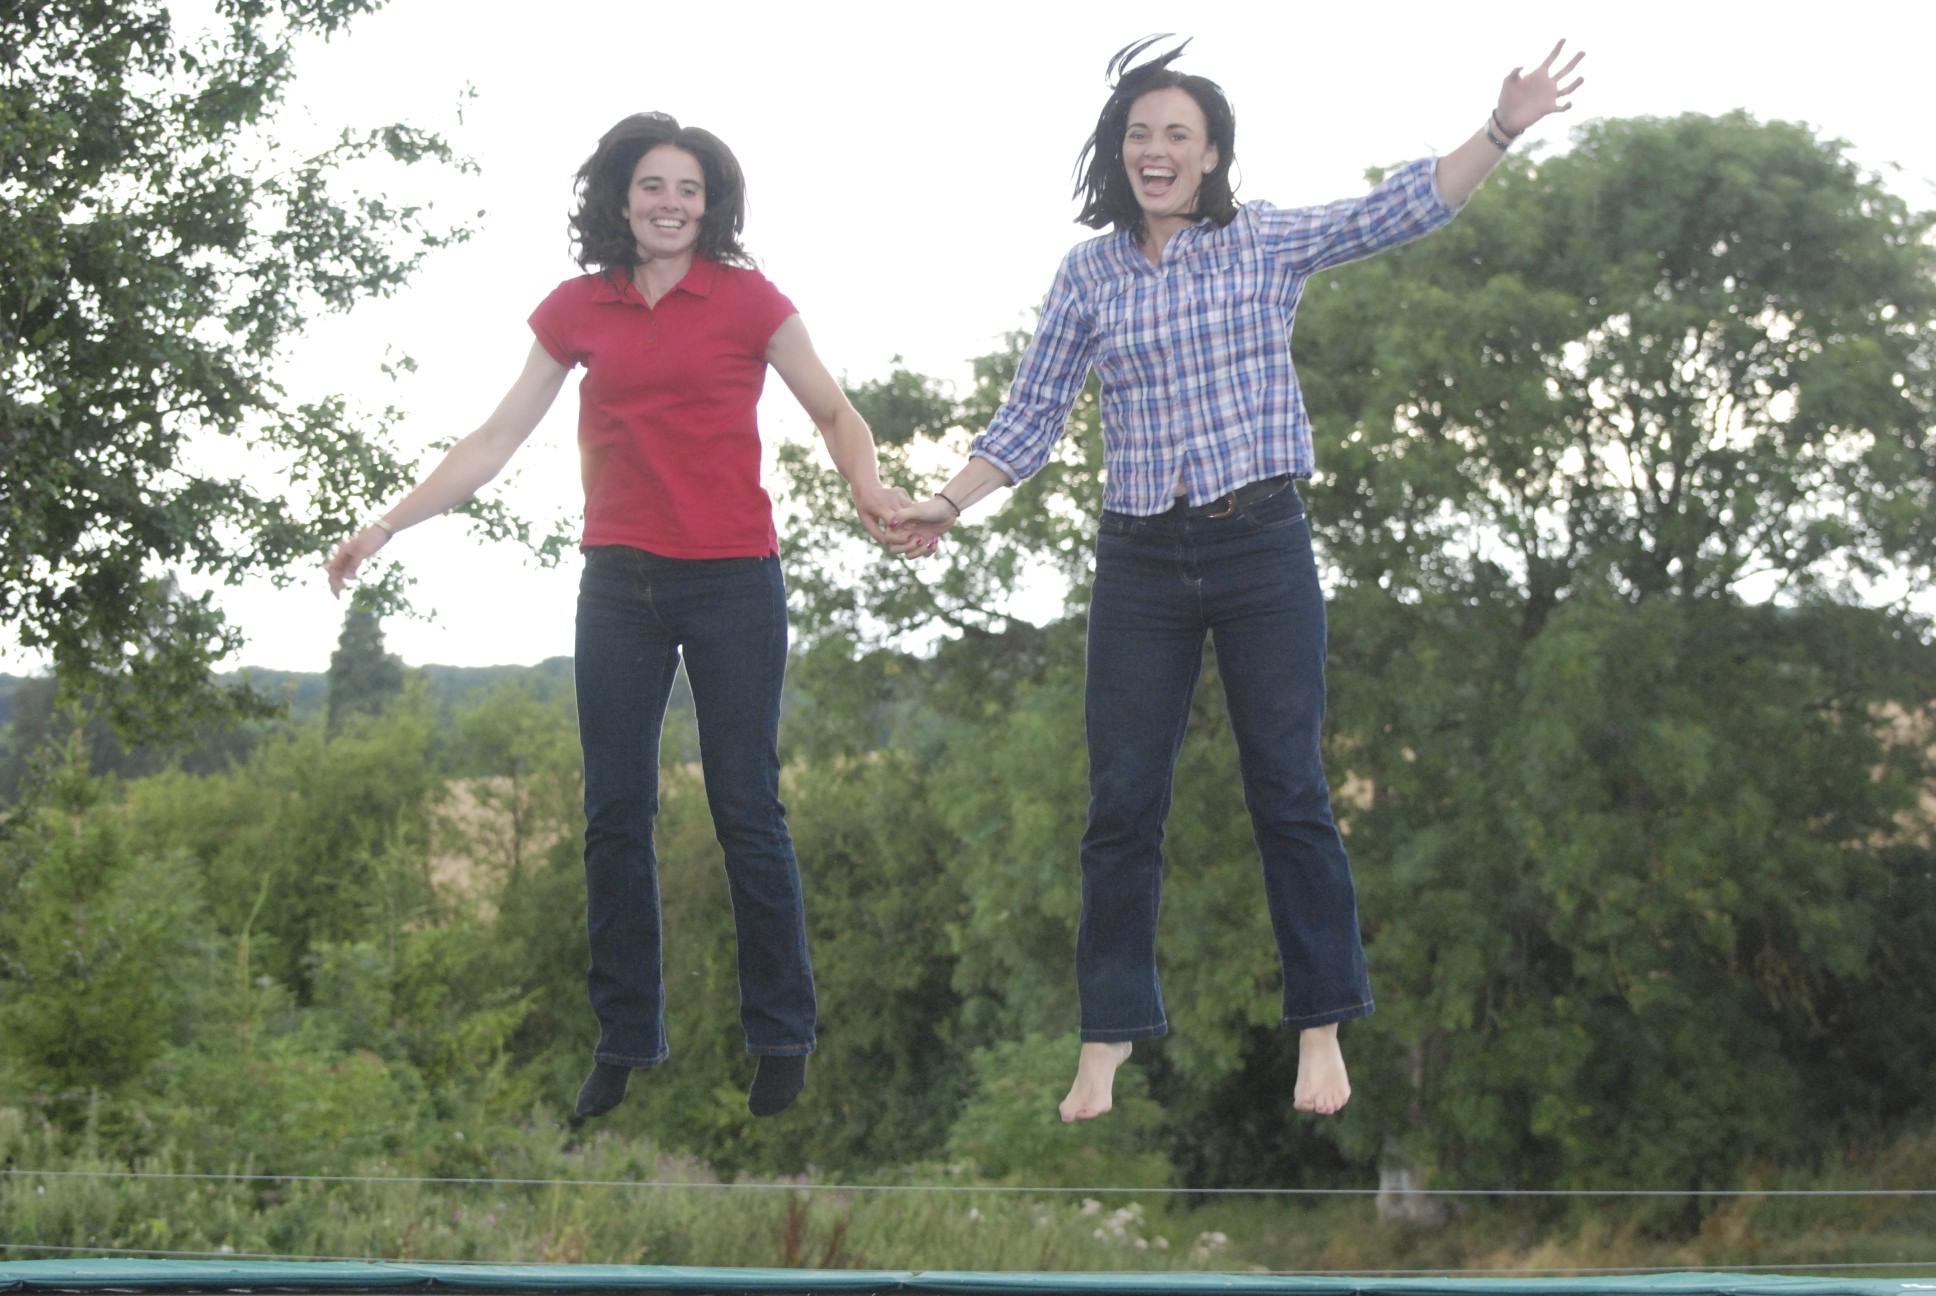 Twins!! Me and Sis